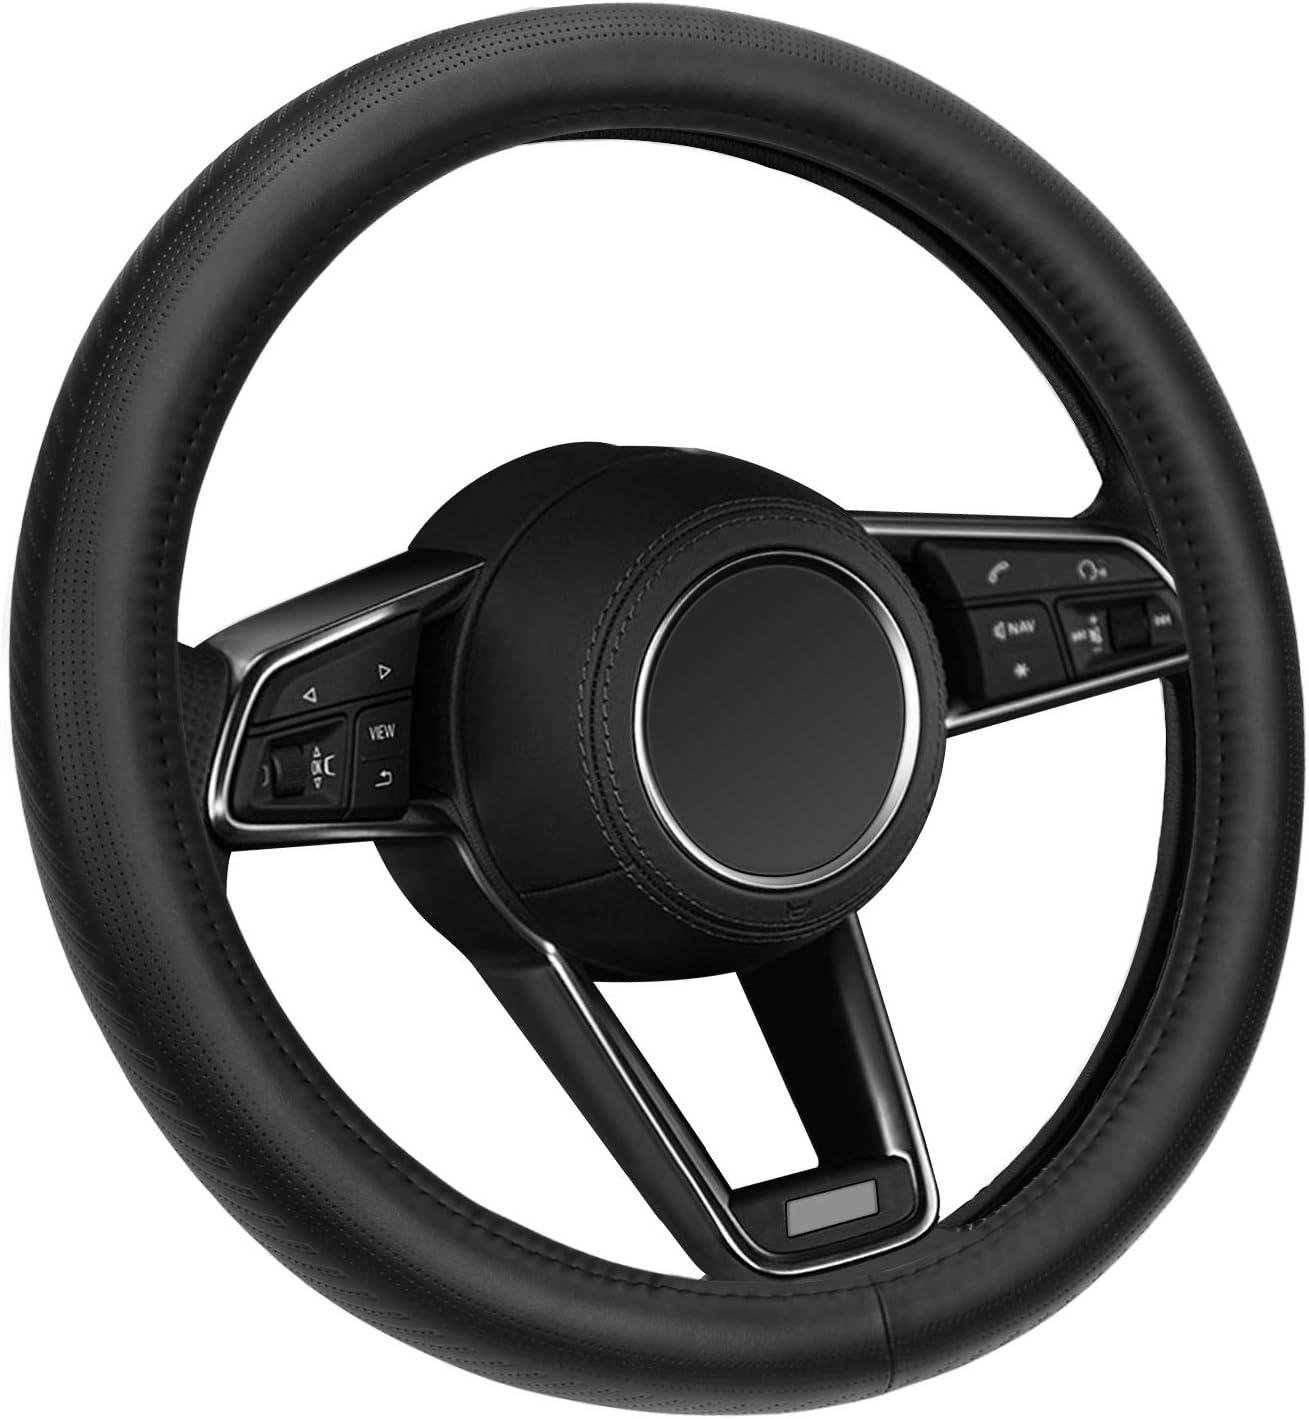 Elzo Cubierta de Volante de Coche Universal de 14.5-15 Pulgadas Con Cuero Genuino Negro Para Crv Hrv Accord Corolla Prius Rav4 Tacoma Camry, etc.